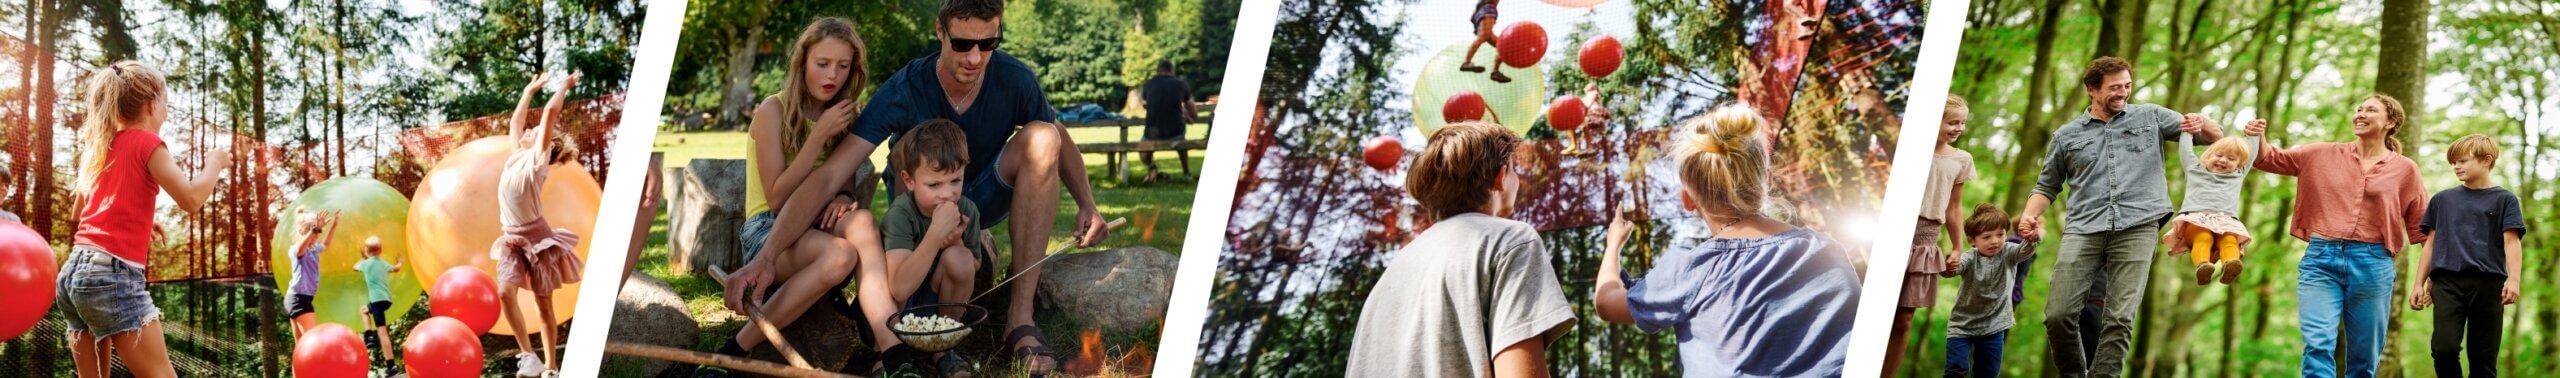 Privat_sommerudlejning_i_weekenden